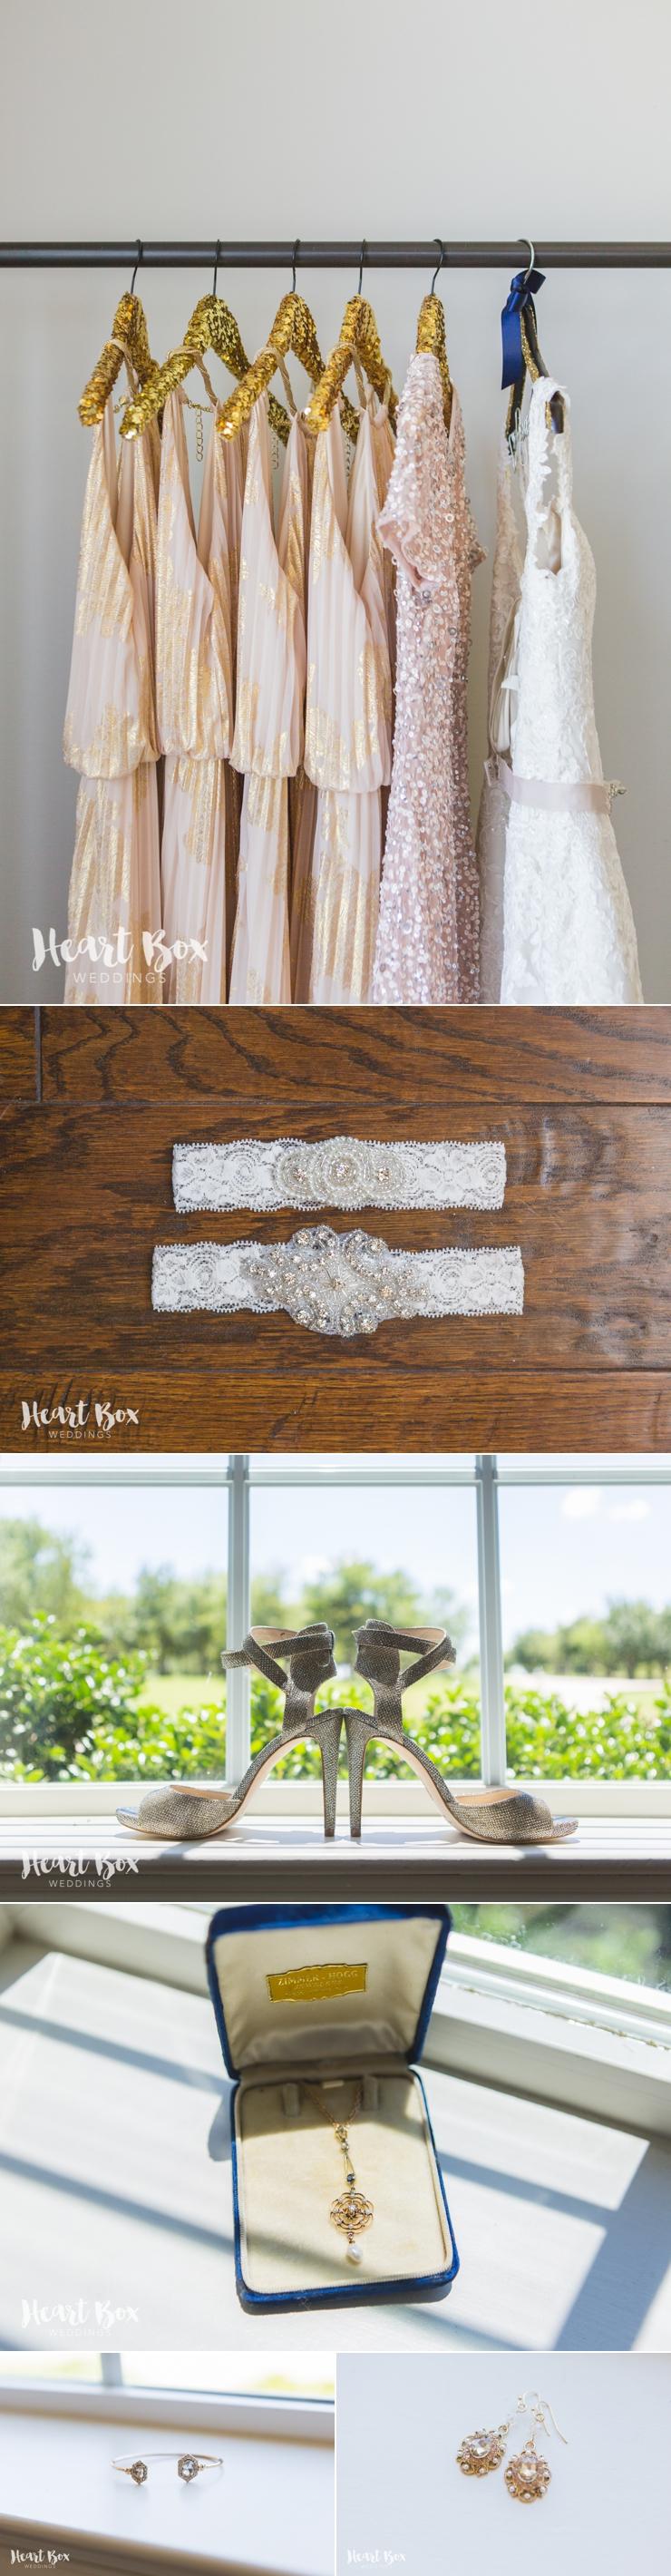 Muprhey Wedding Blog Collages 2.jpg